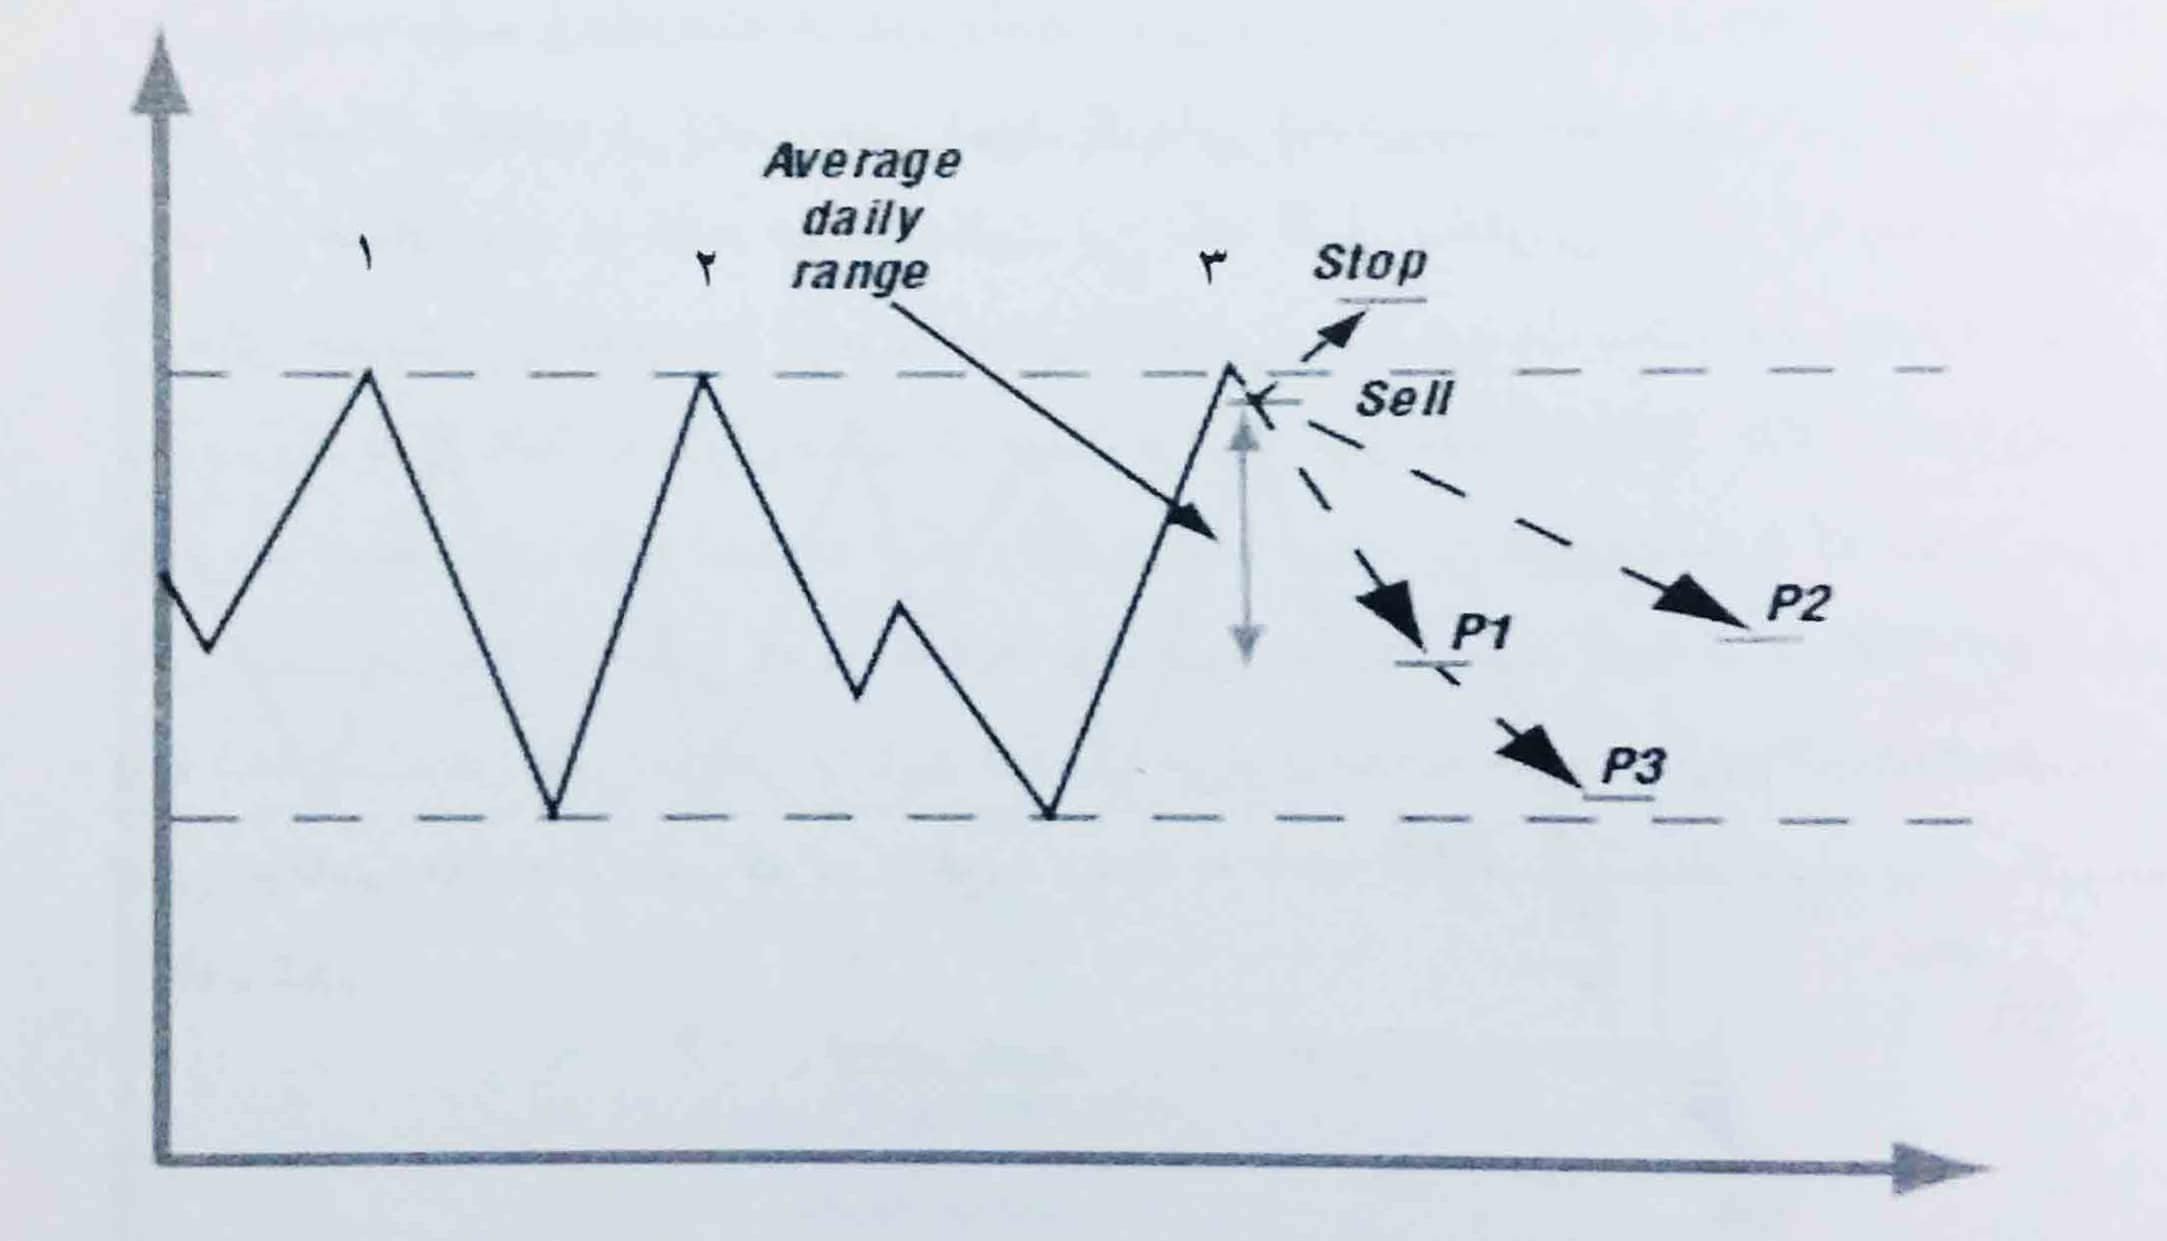 بازار بدون روند